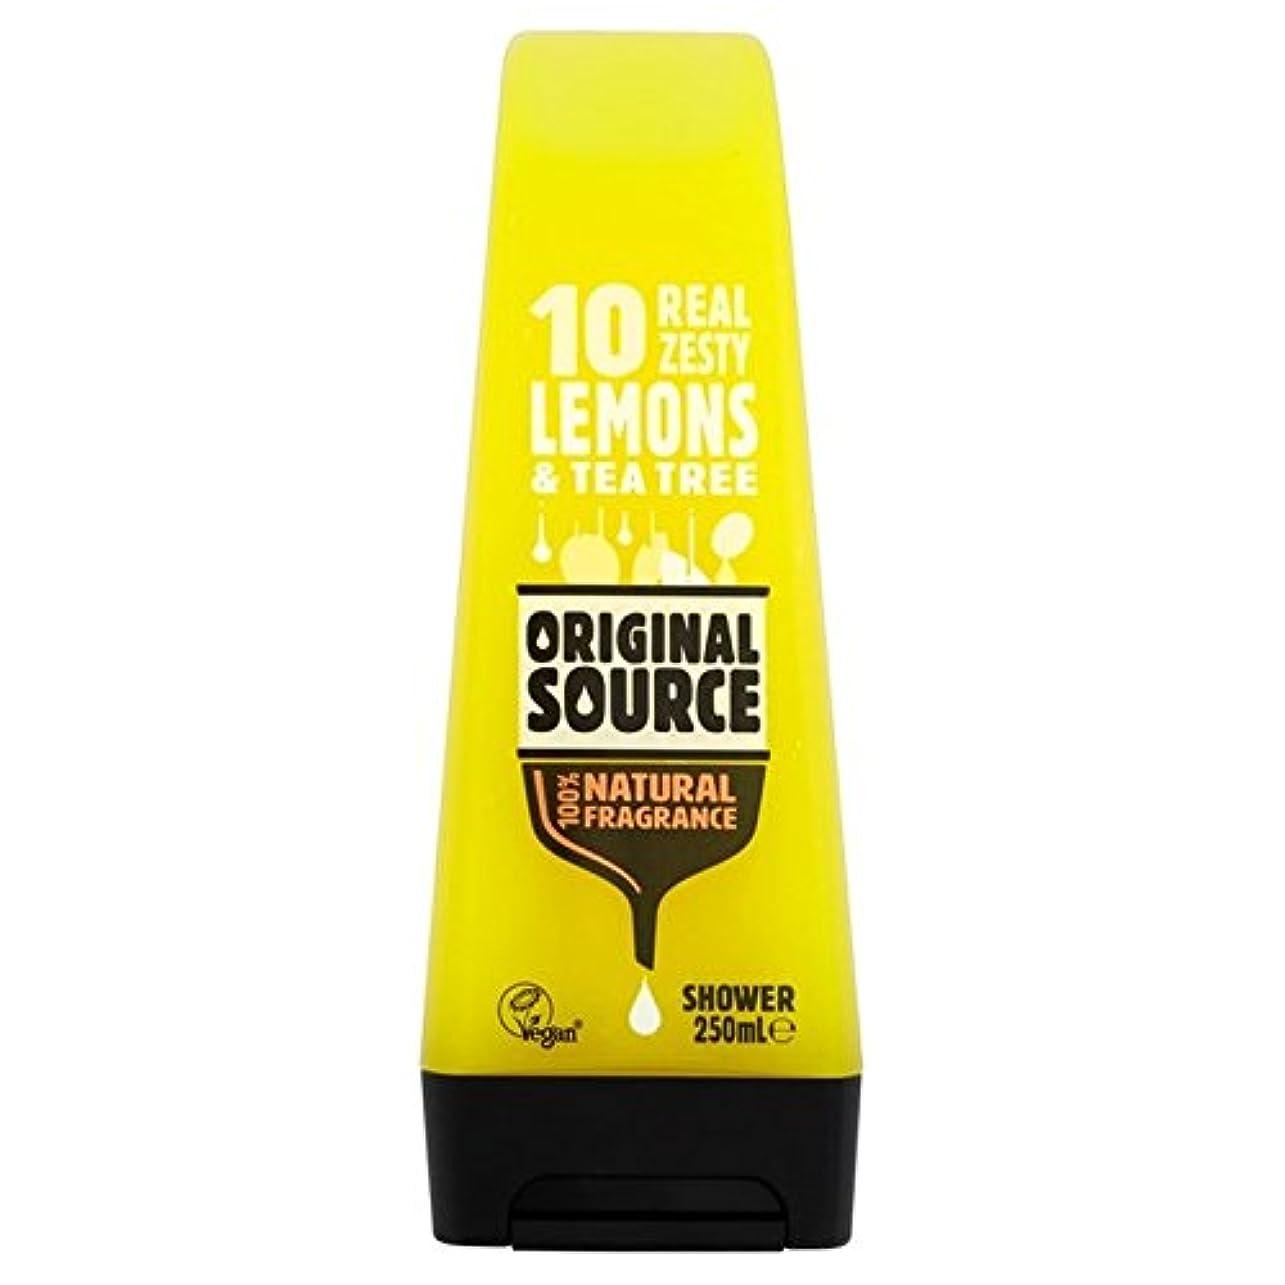 確認日没ガレージOriginal Source Lemon Shower Gel 250ml (Pack of 6) - 元のソースのレモンシャワージェル250ミリリットル x6 [並行輸入品]